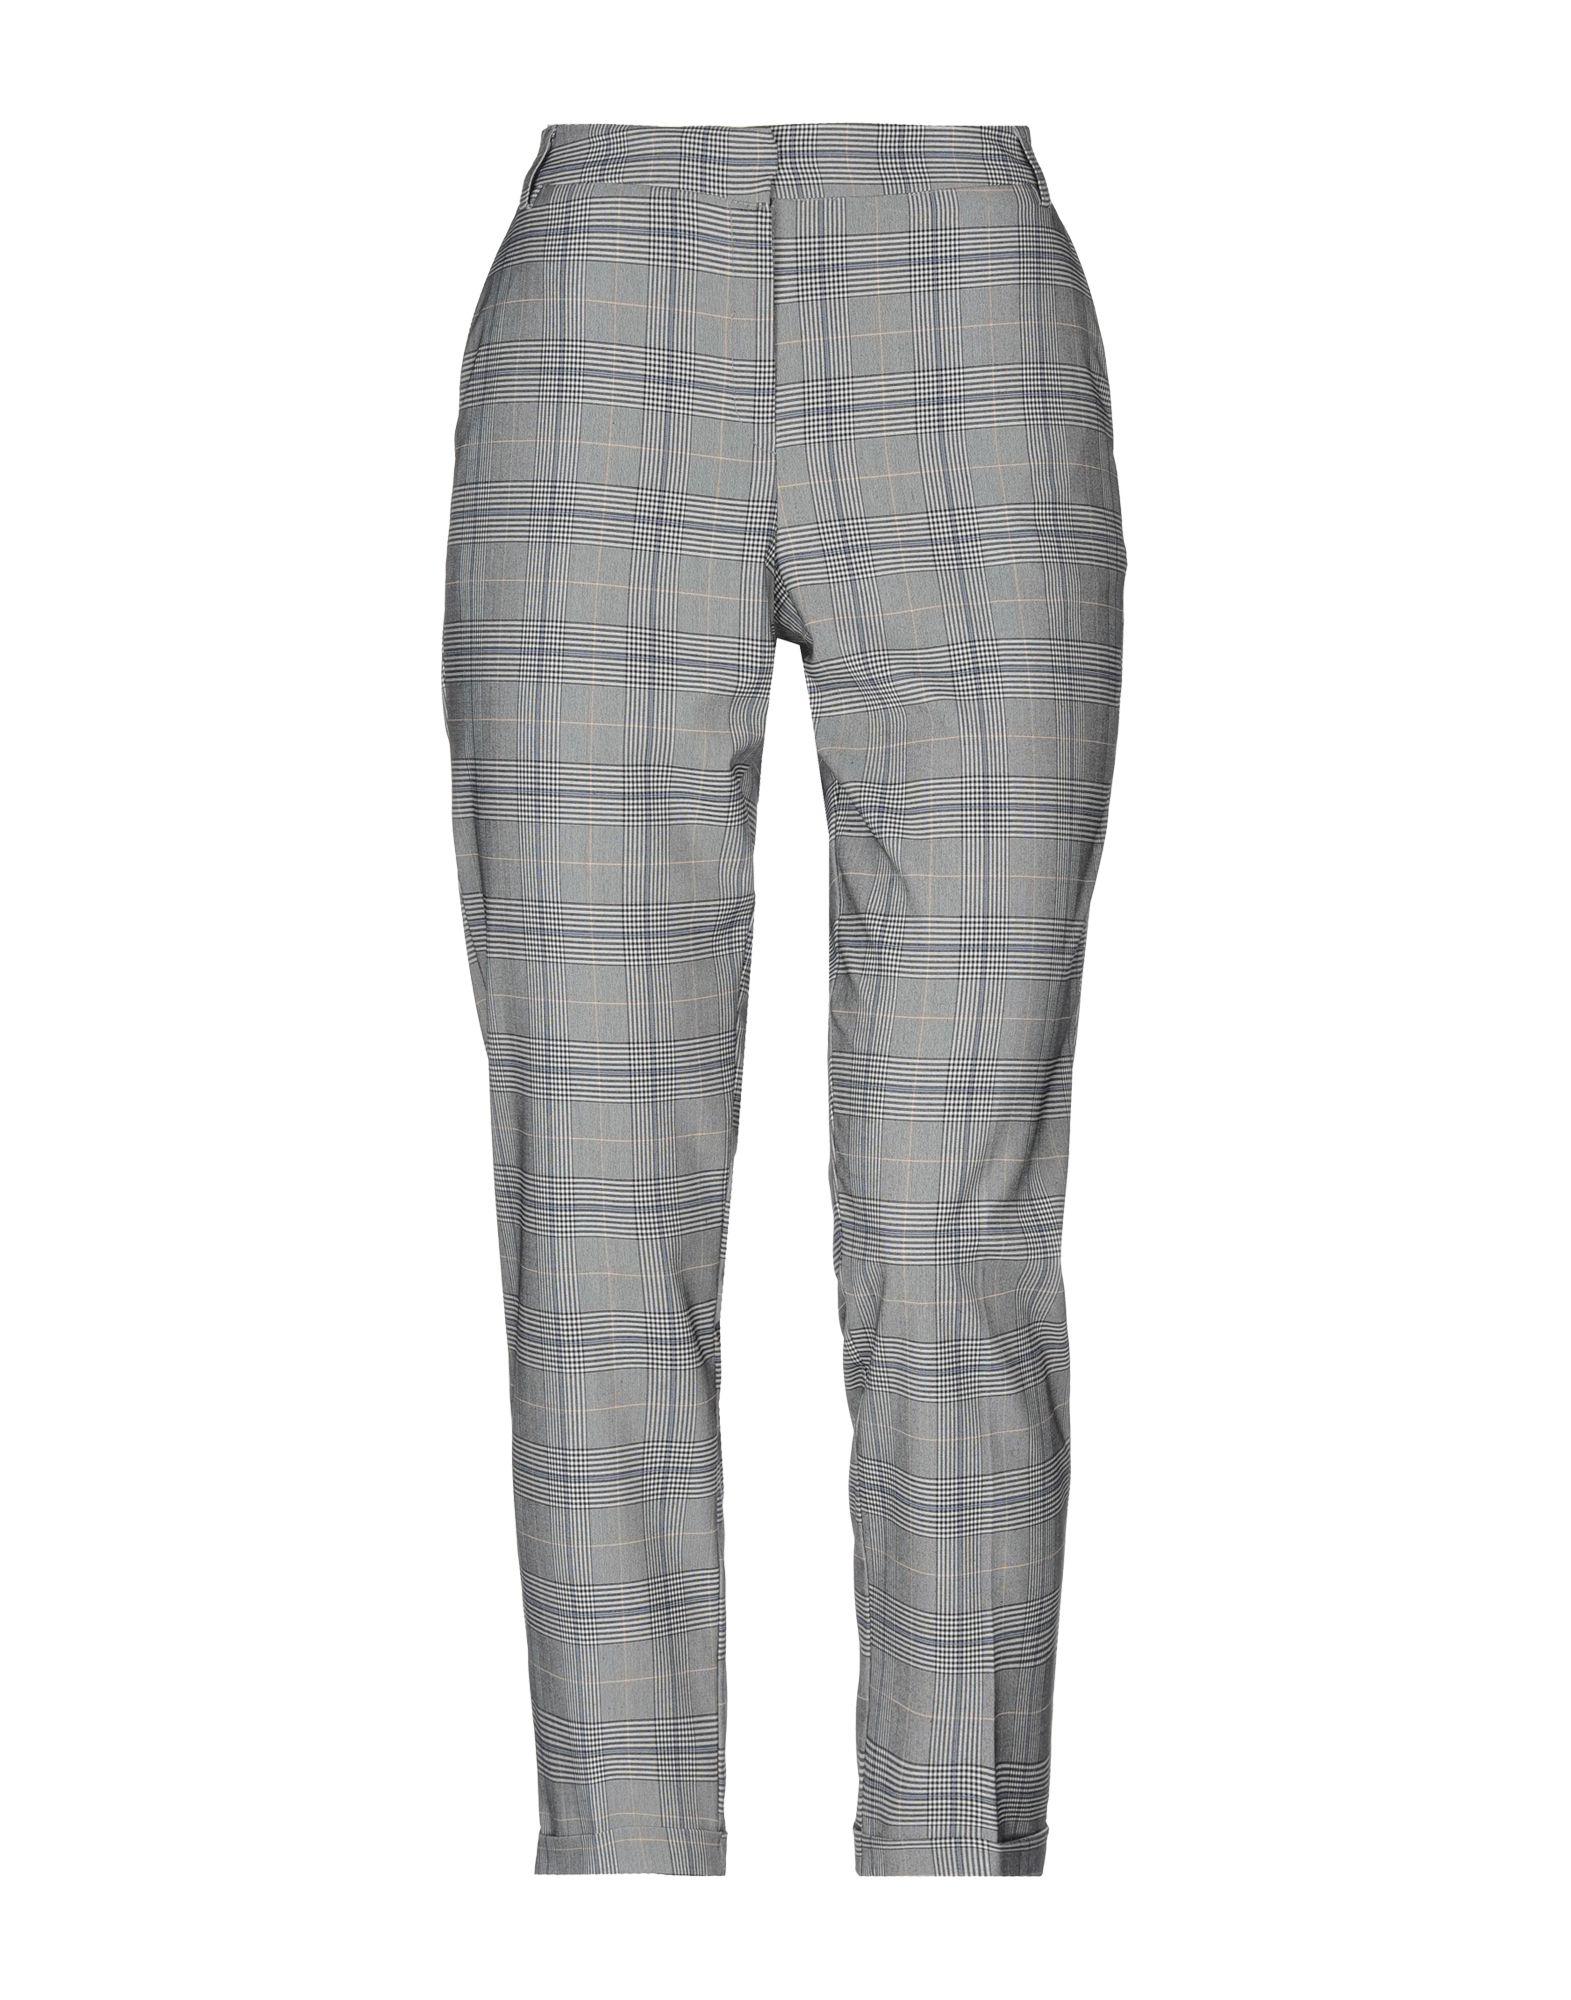 Pantalone Biancoghiaccio damen - 13259061VT